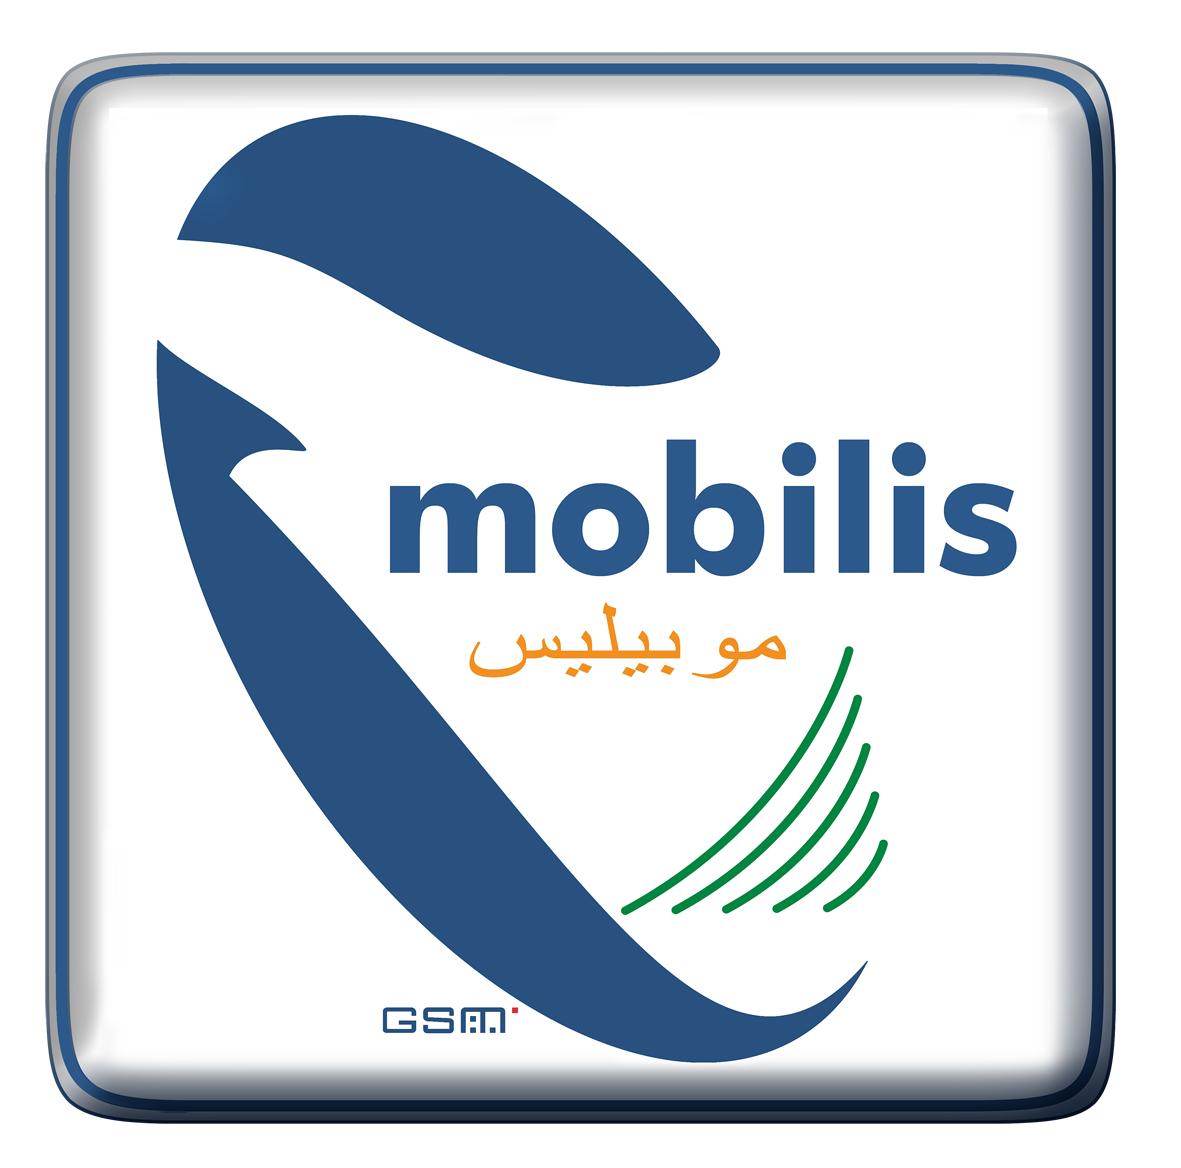 Mobilis Logo photo - 1